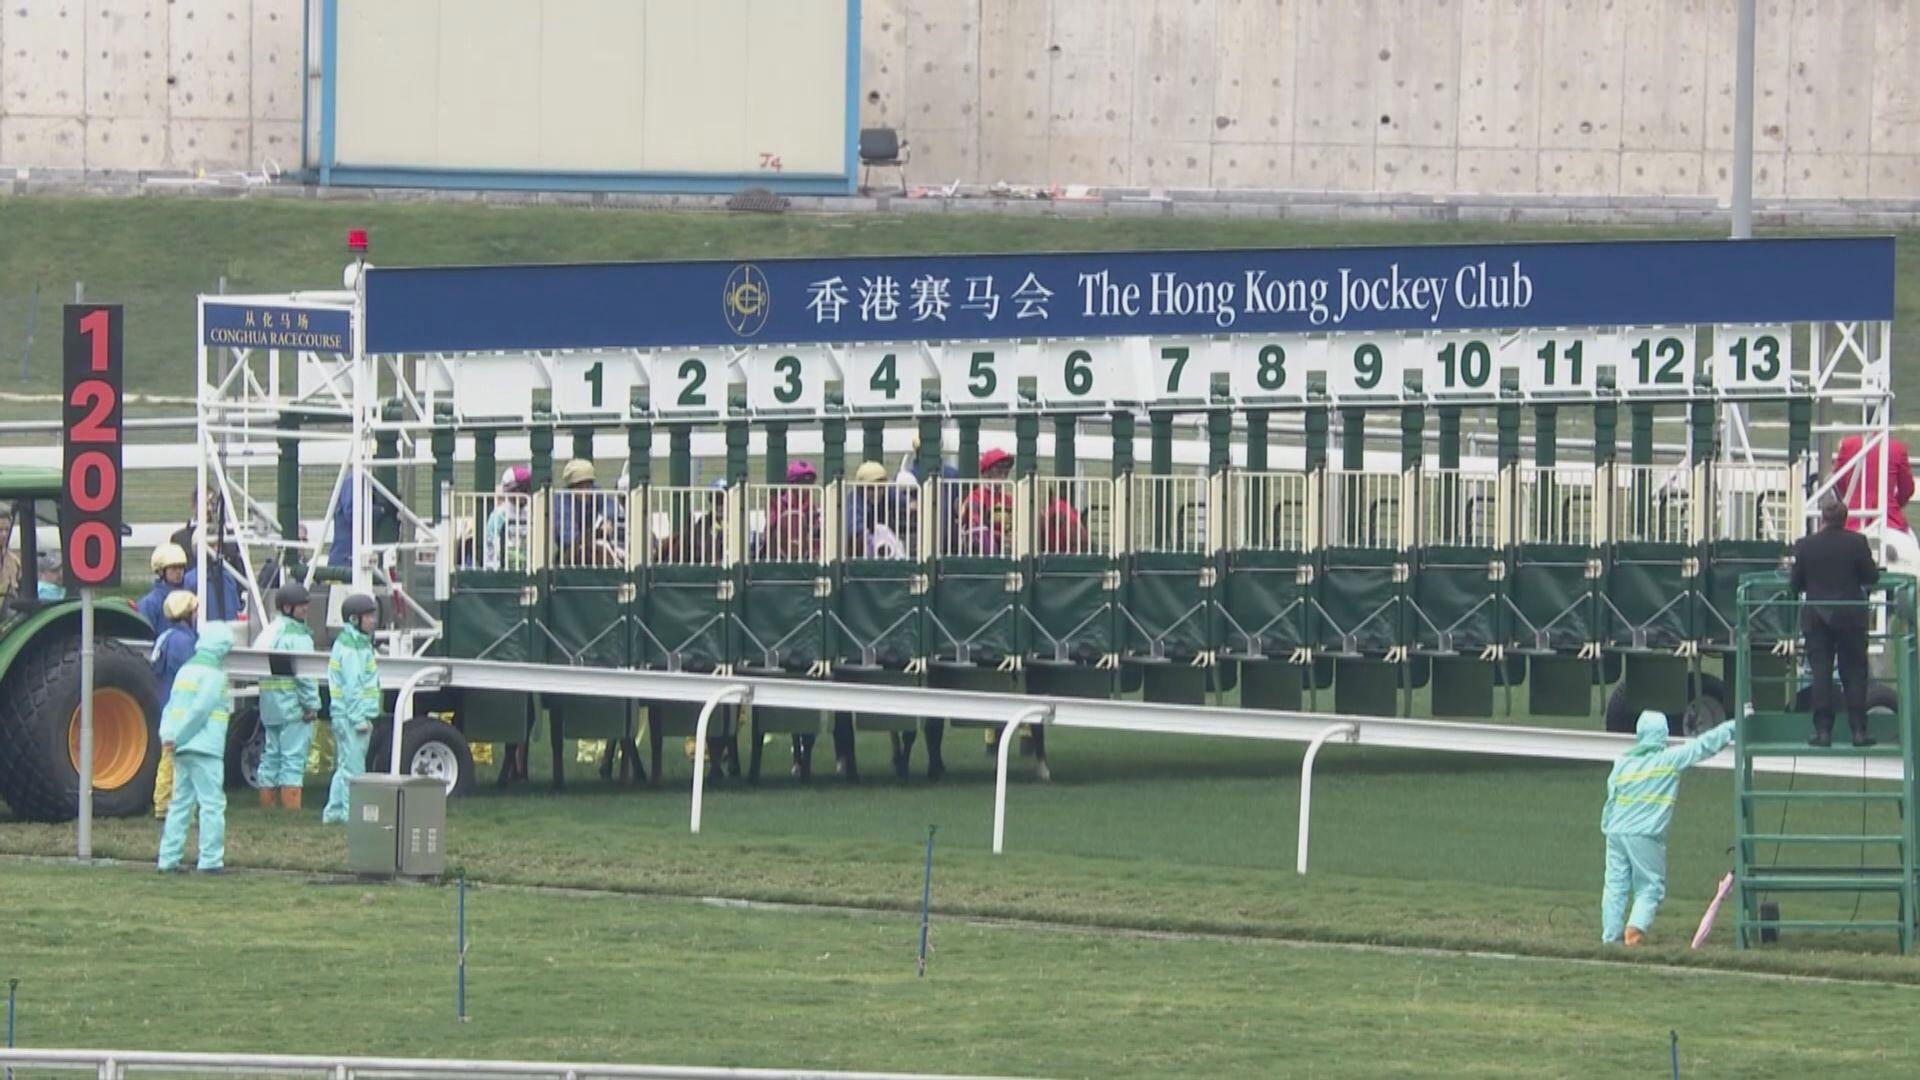 從化馬場舉行五場示範賽 吸引千七人觀賽